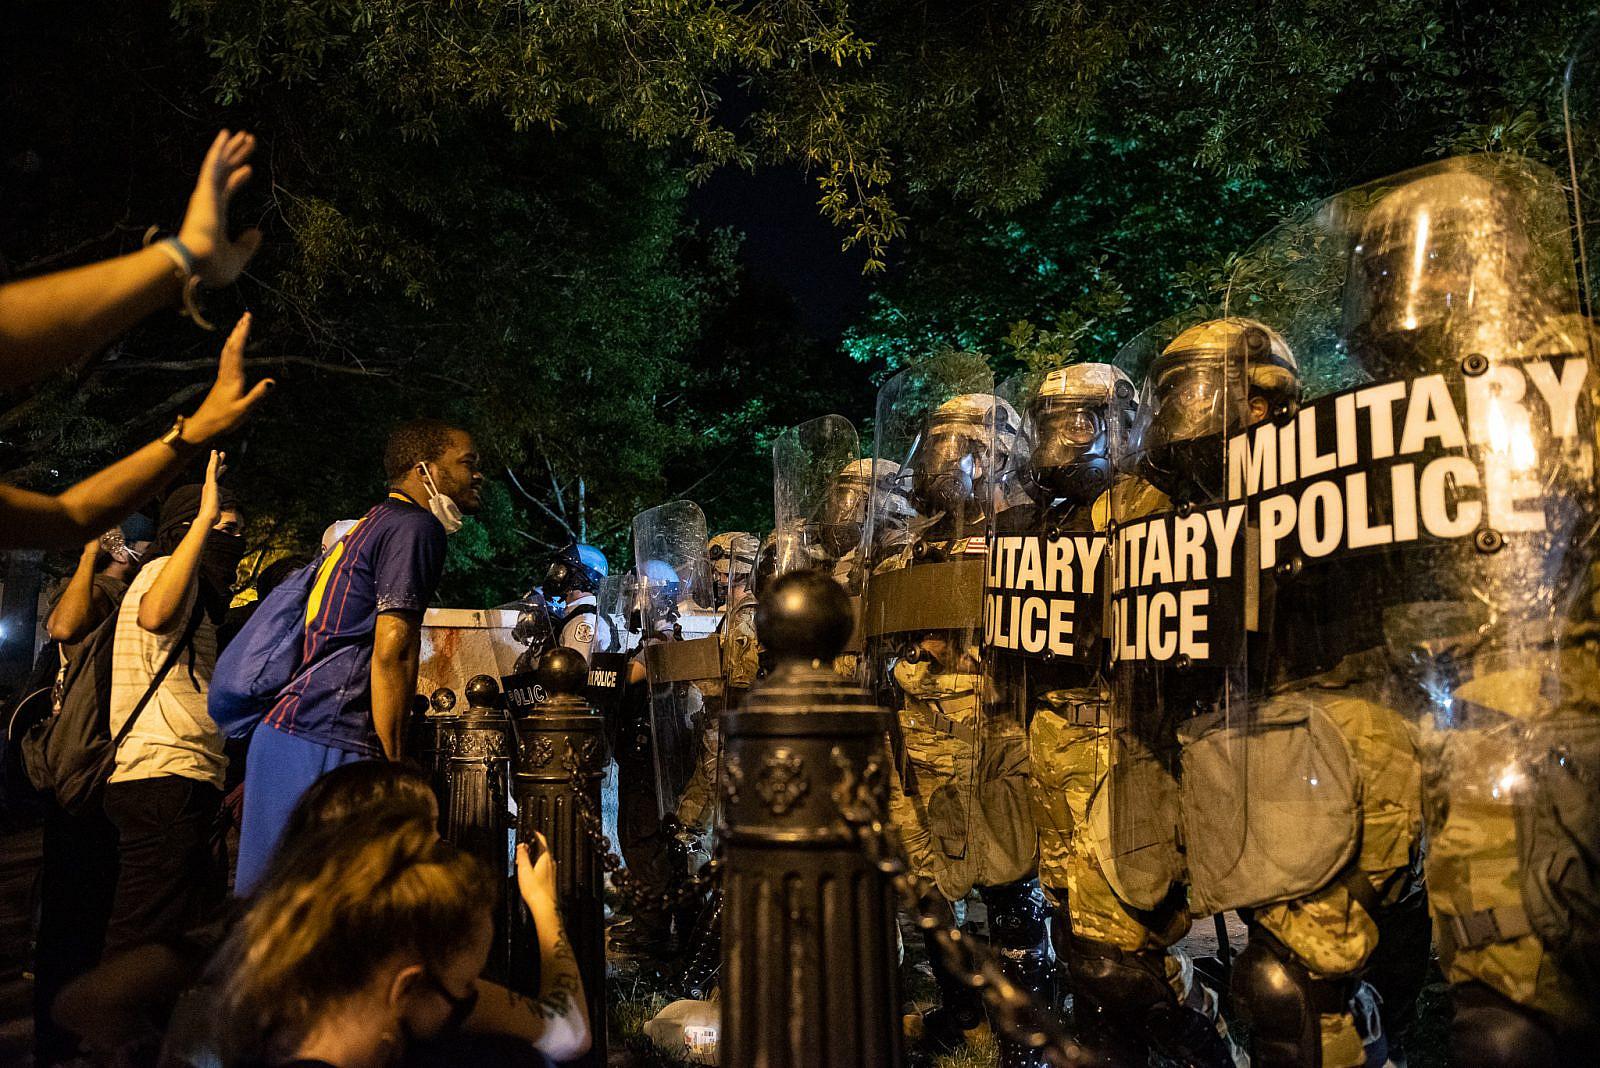 הלגיטימיות הפוליטית לתנועות כמו בלאק לייבס מטר מתרחבת. הפגנה בוושינגטון אחרי הרצח של ג'ורג' פלויד (רוזה פינדה, ויקימדיה)